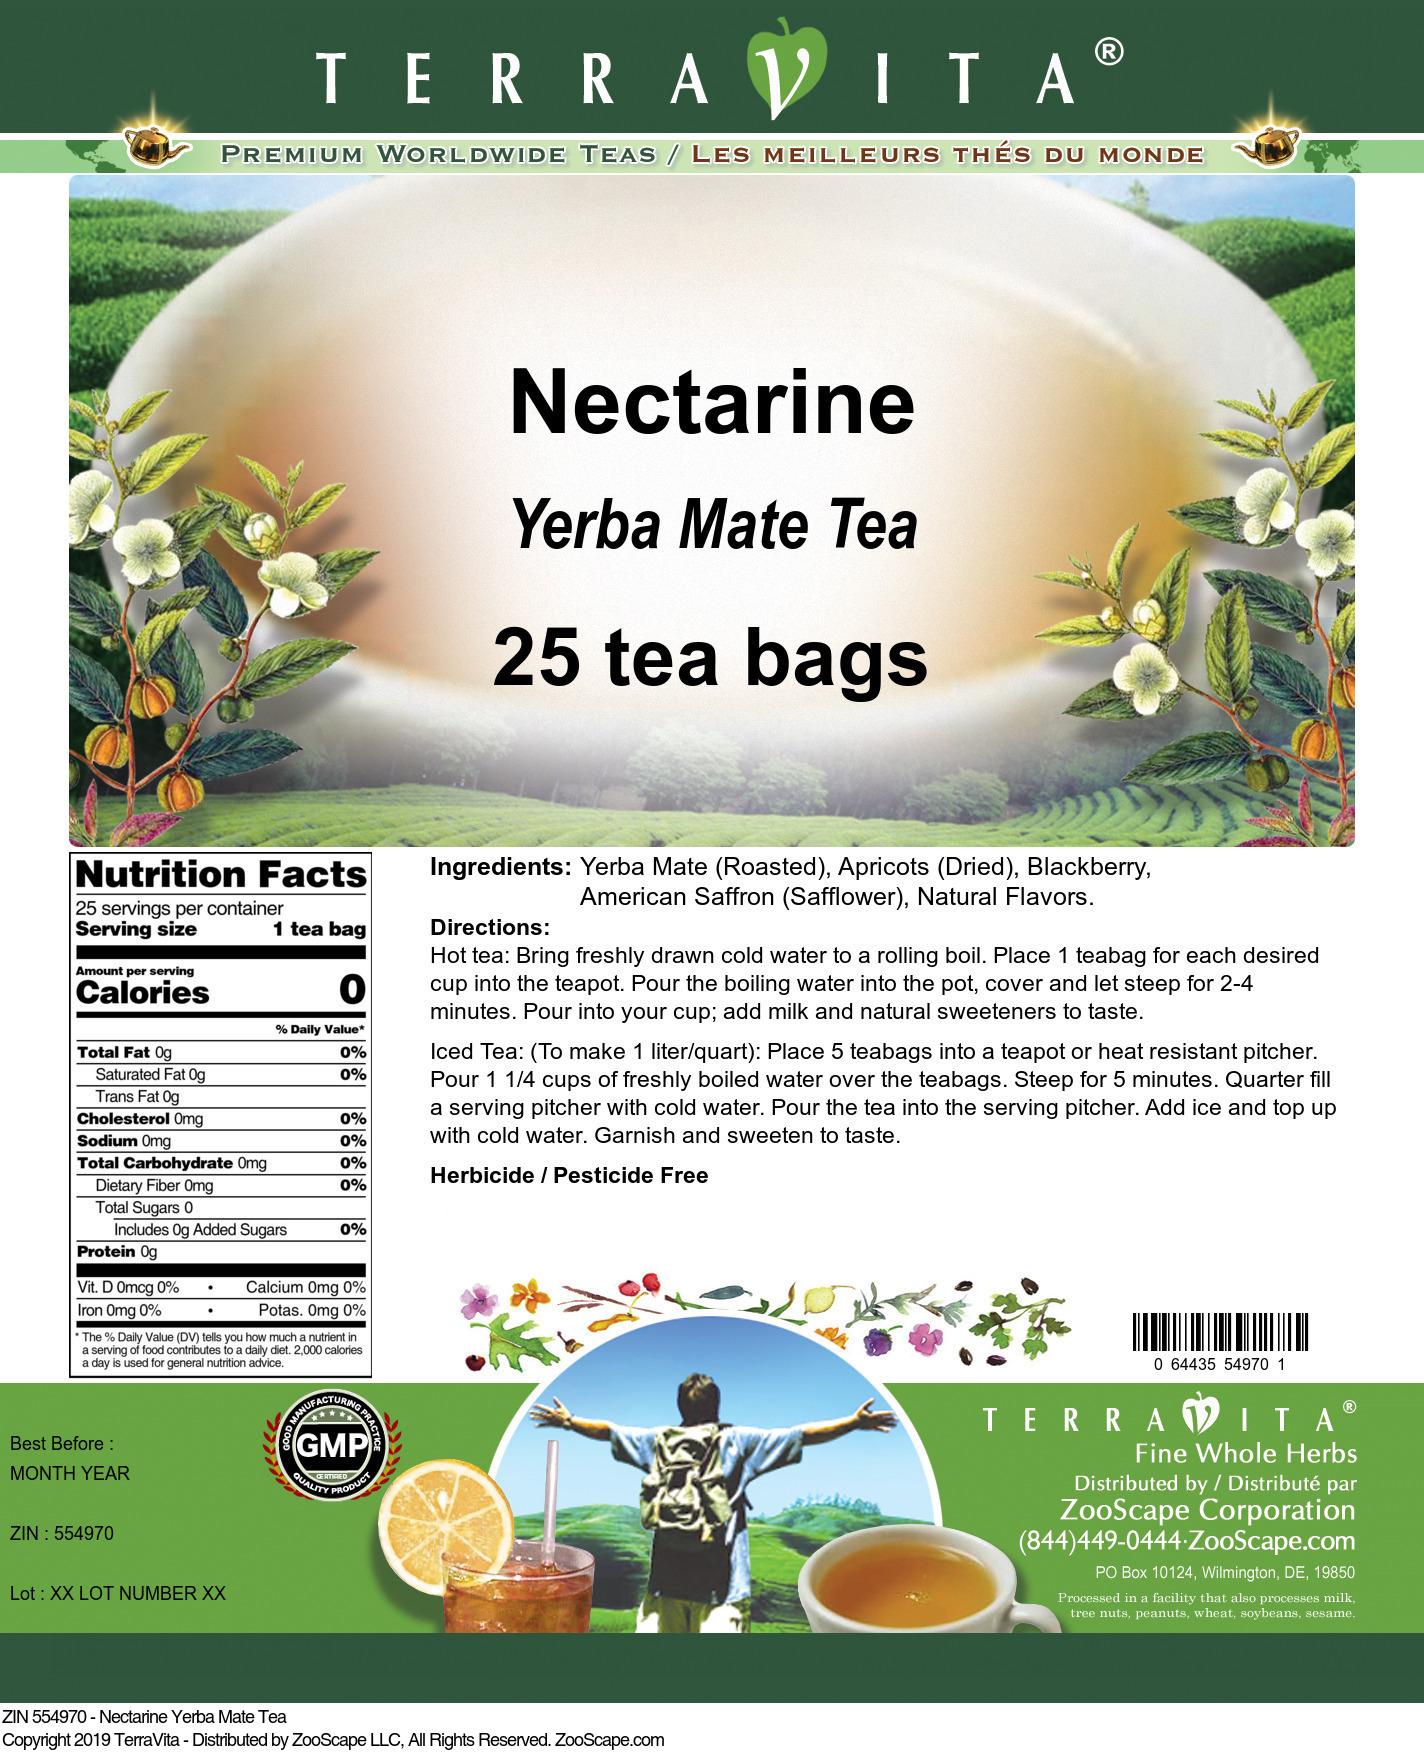 Nectarine Yerba Mate